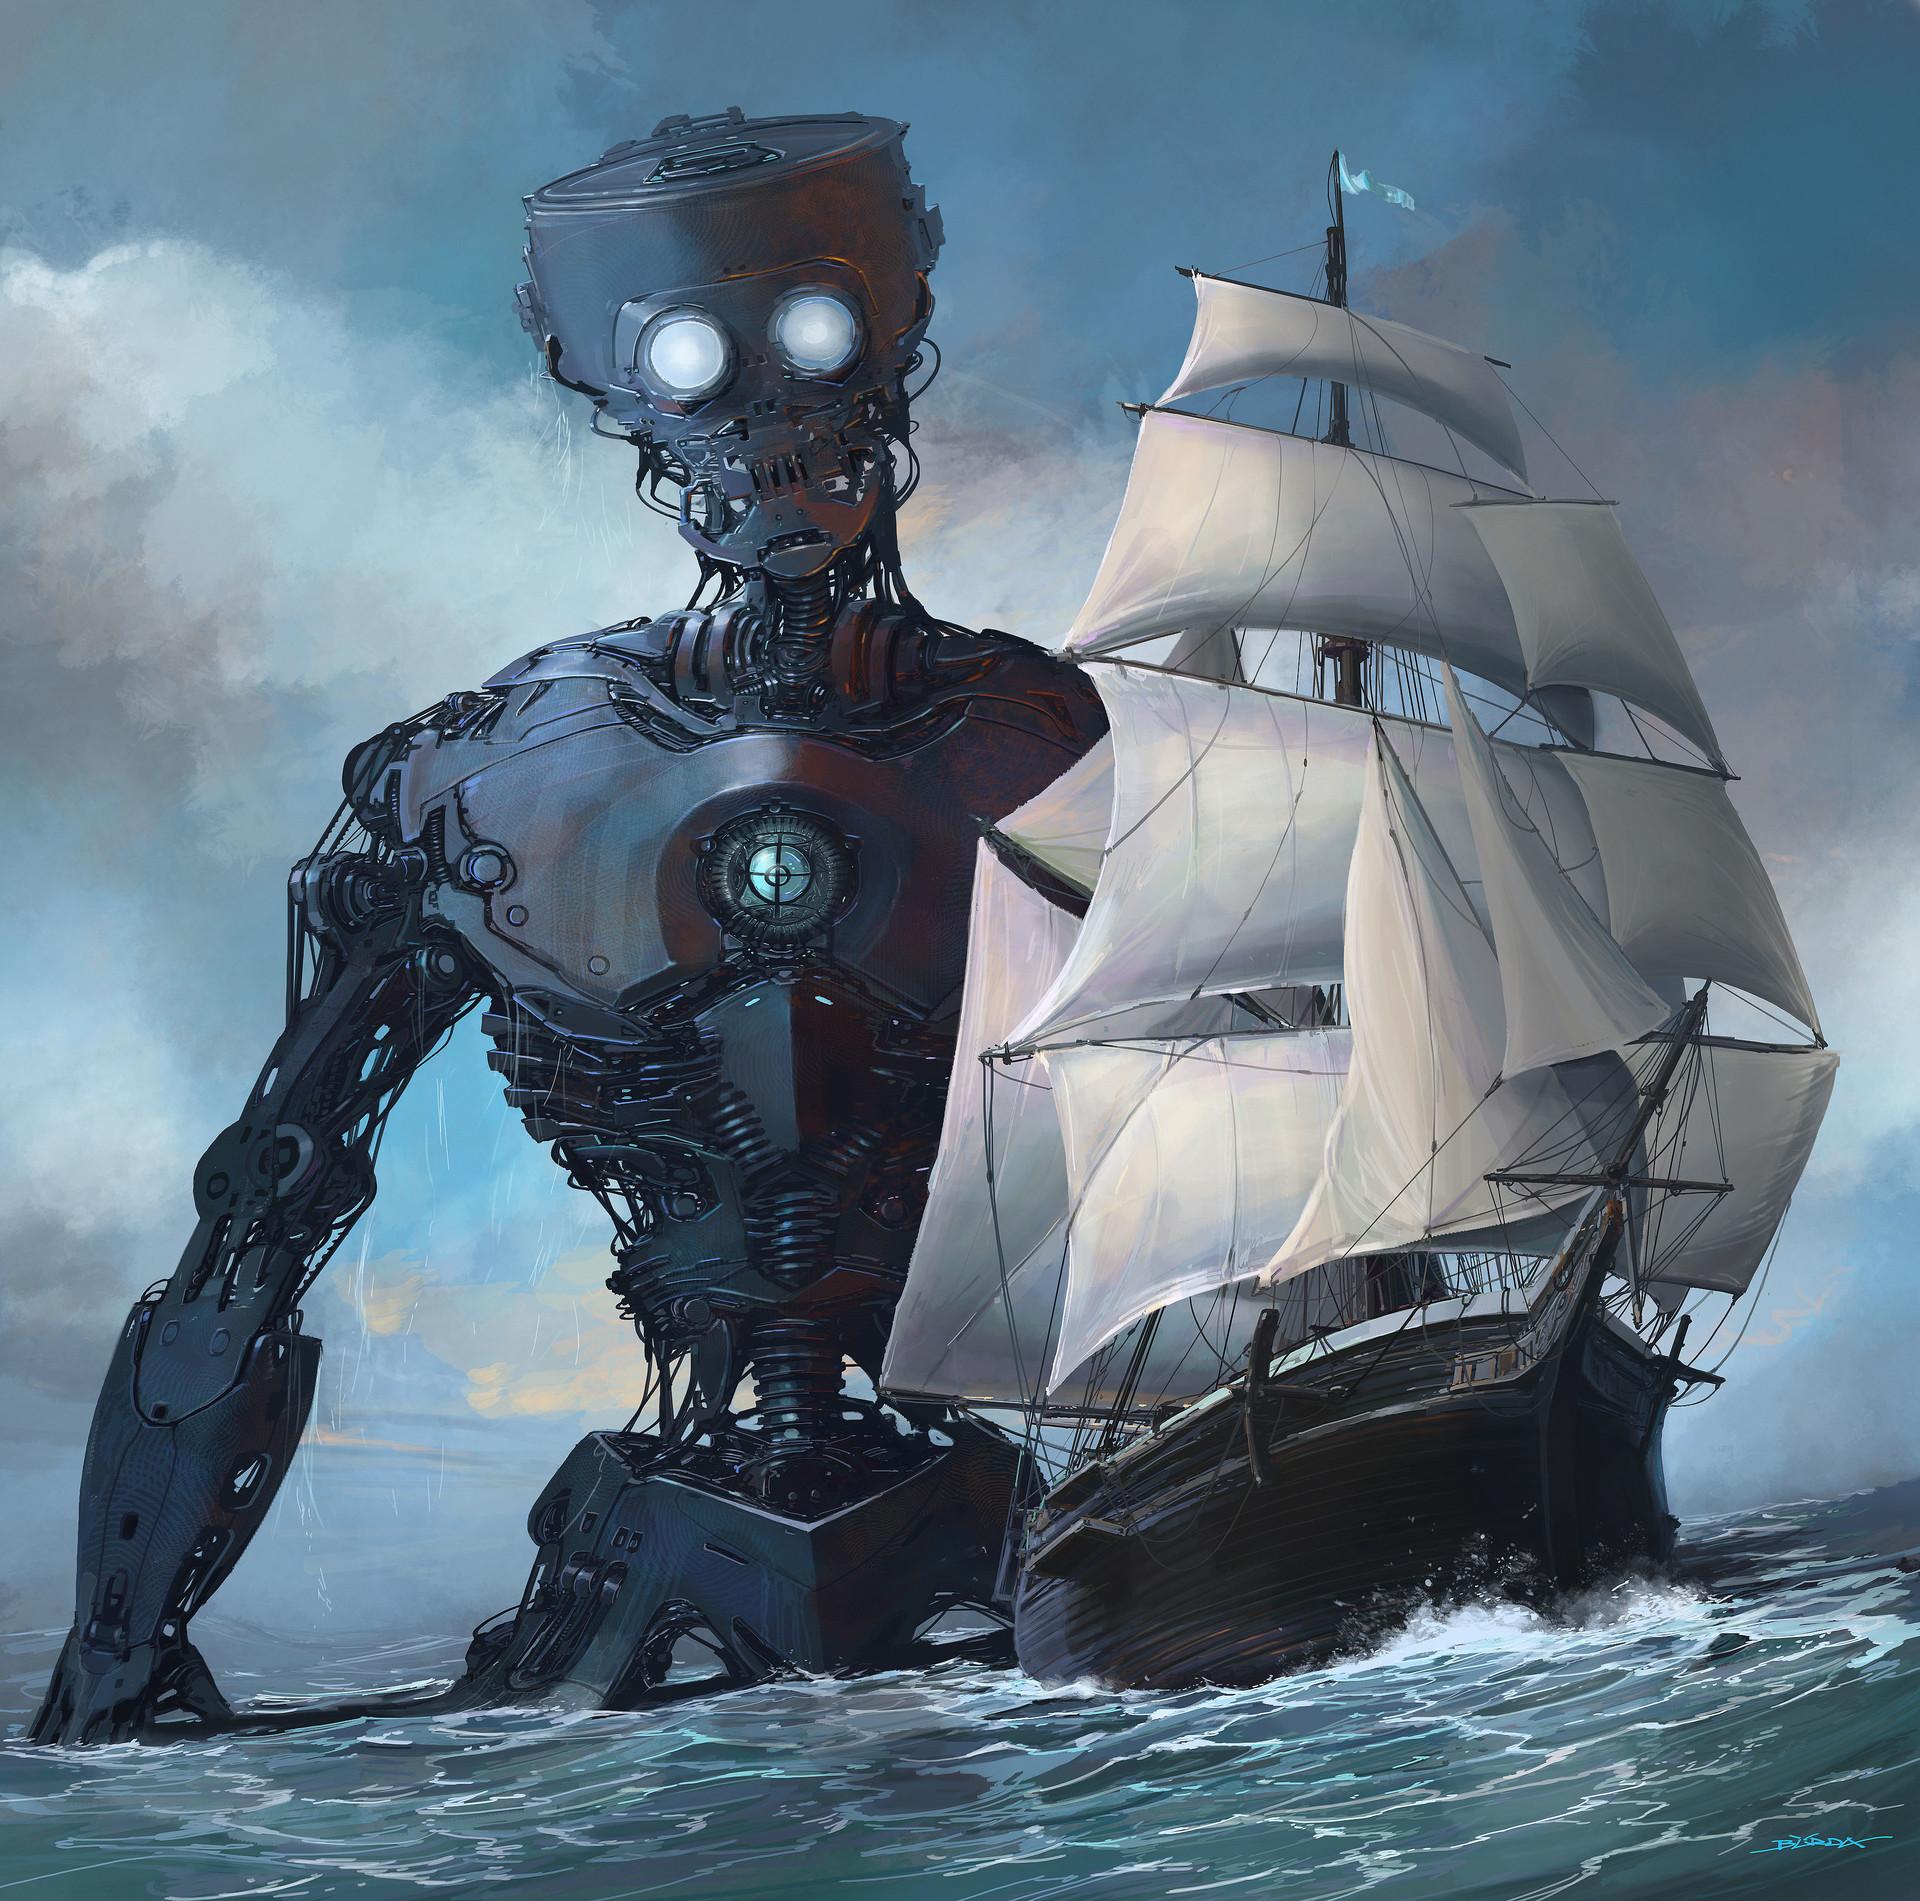 alejandro-burdisio-barcos-y-robot-x-5.jpg?1533988380